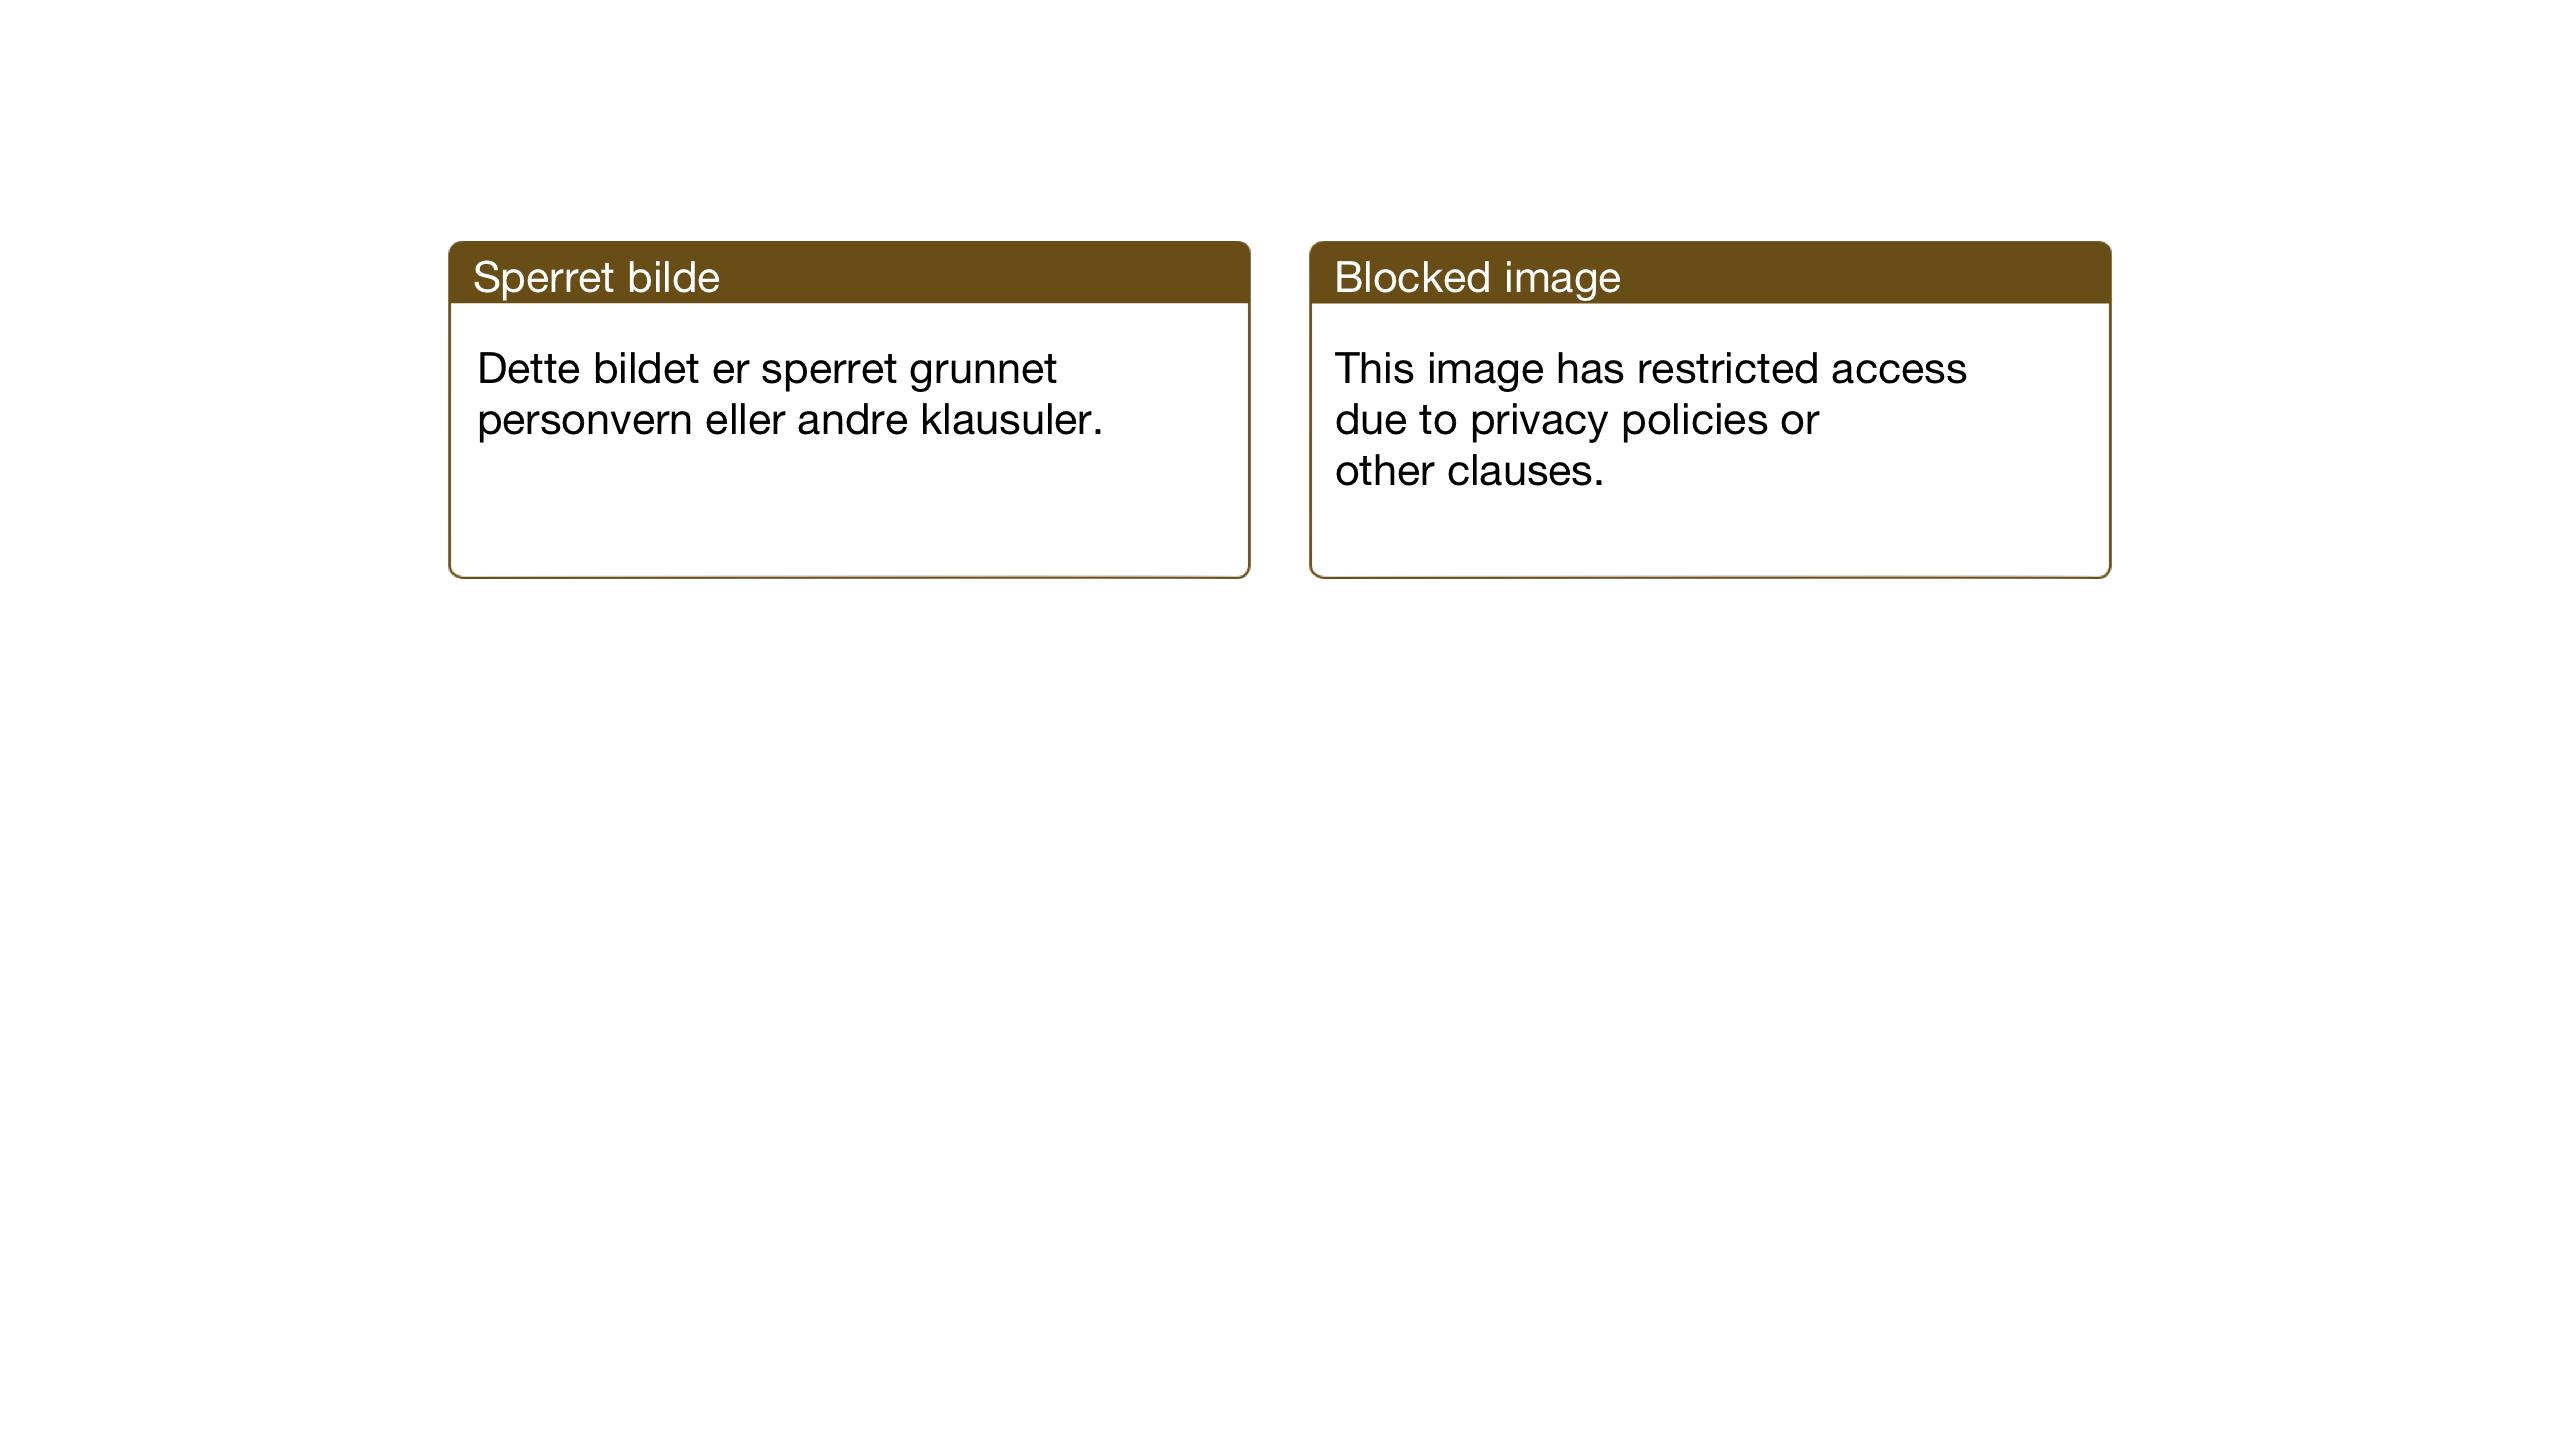 SAT, Ministerialprotokoller, klokkerbøker og fødselsregistre - Sør-Trøndelag, 669/L0832: Klokkerbok nr. 669C02, 1925-1953, s. 84